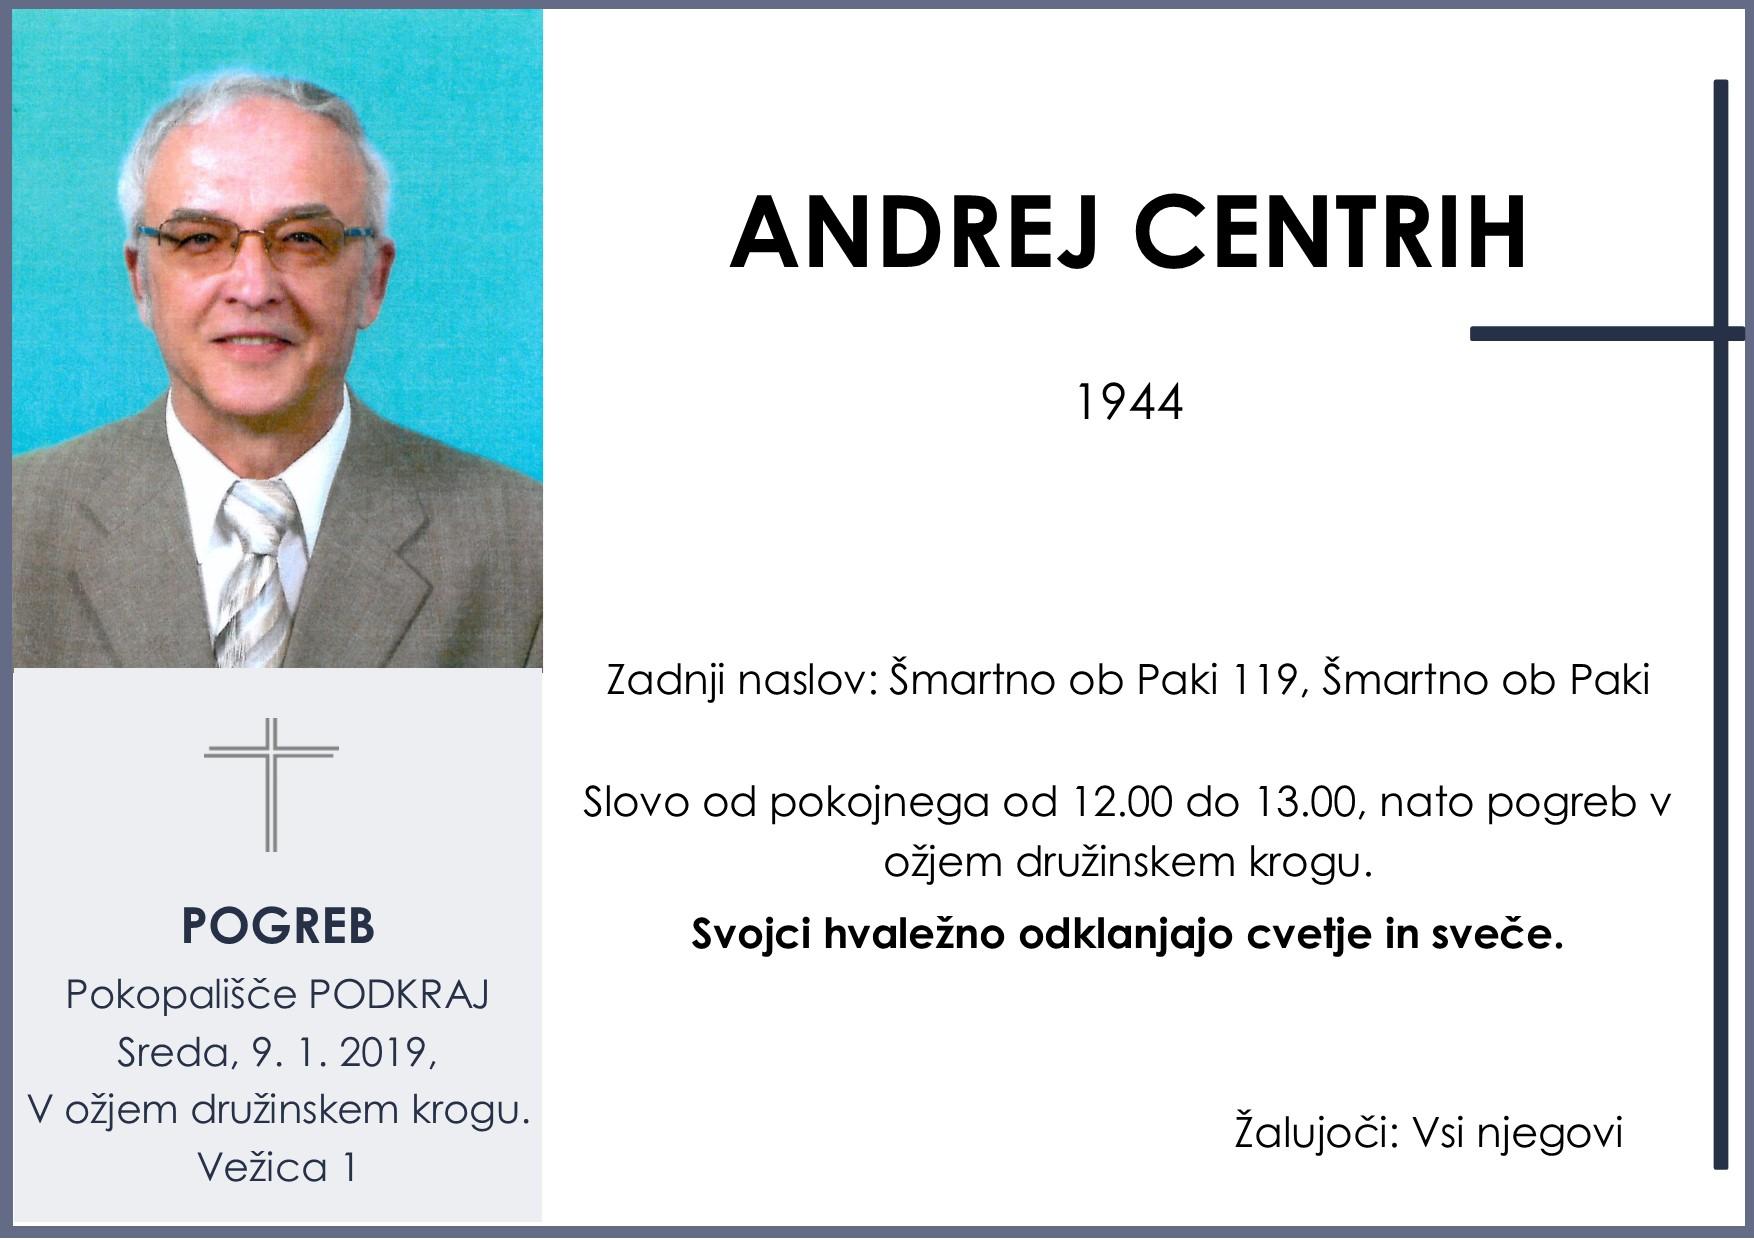 ANDREJ CENTRIH, Podkraj, 09. 01. 2019